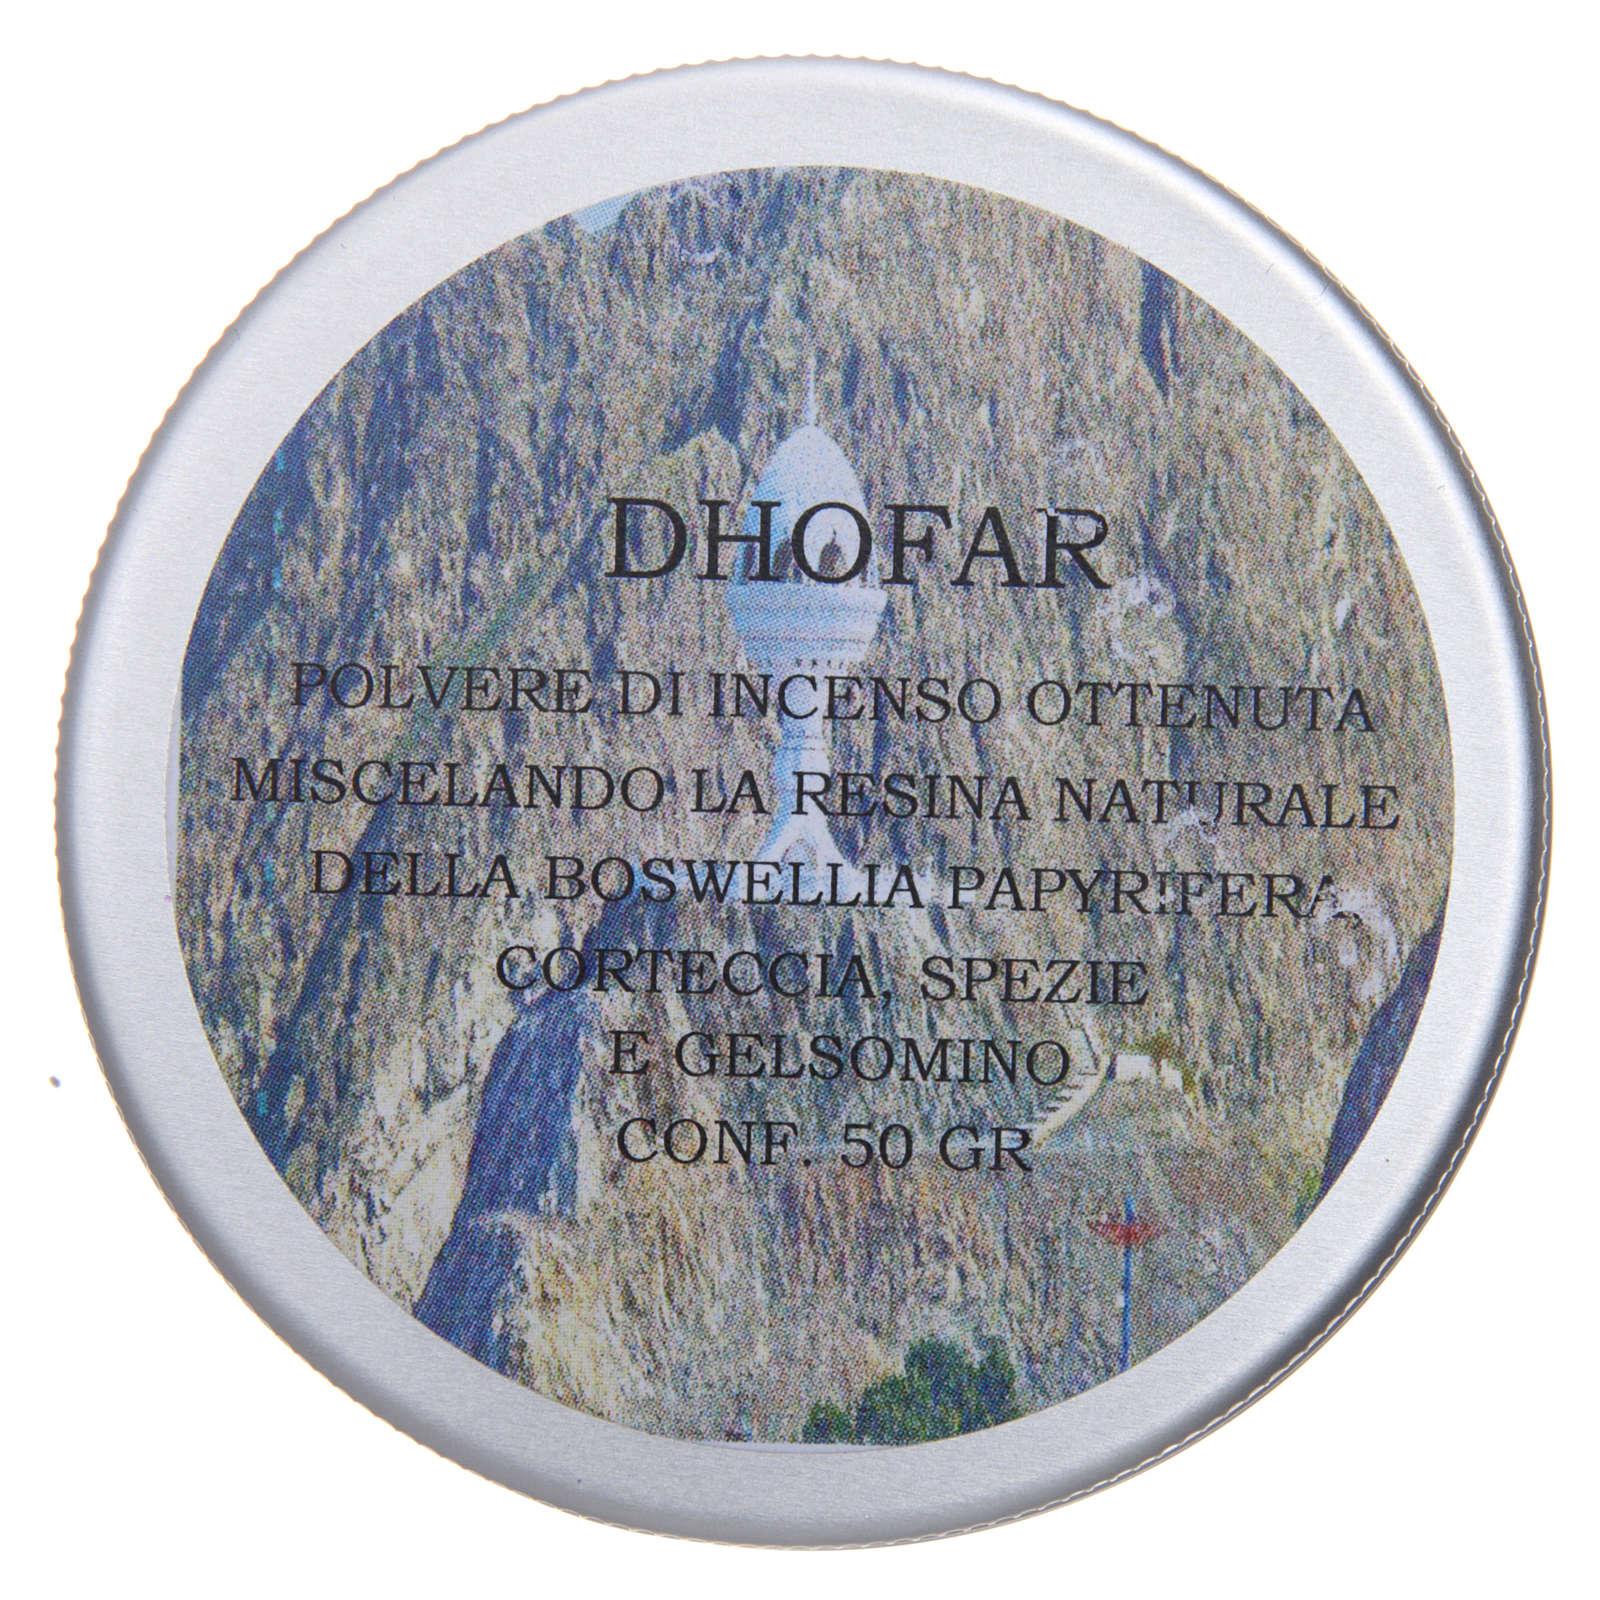 Kadzidło w proszku Dhofar 50g 3